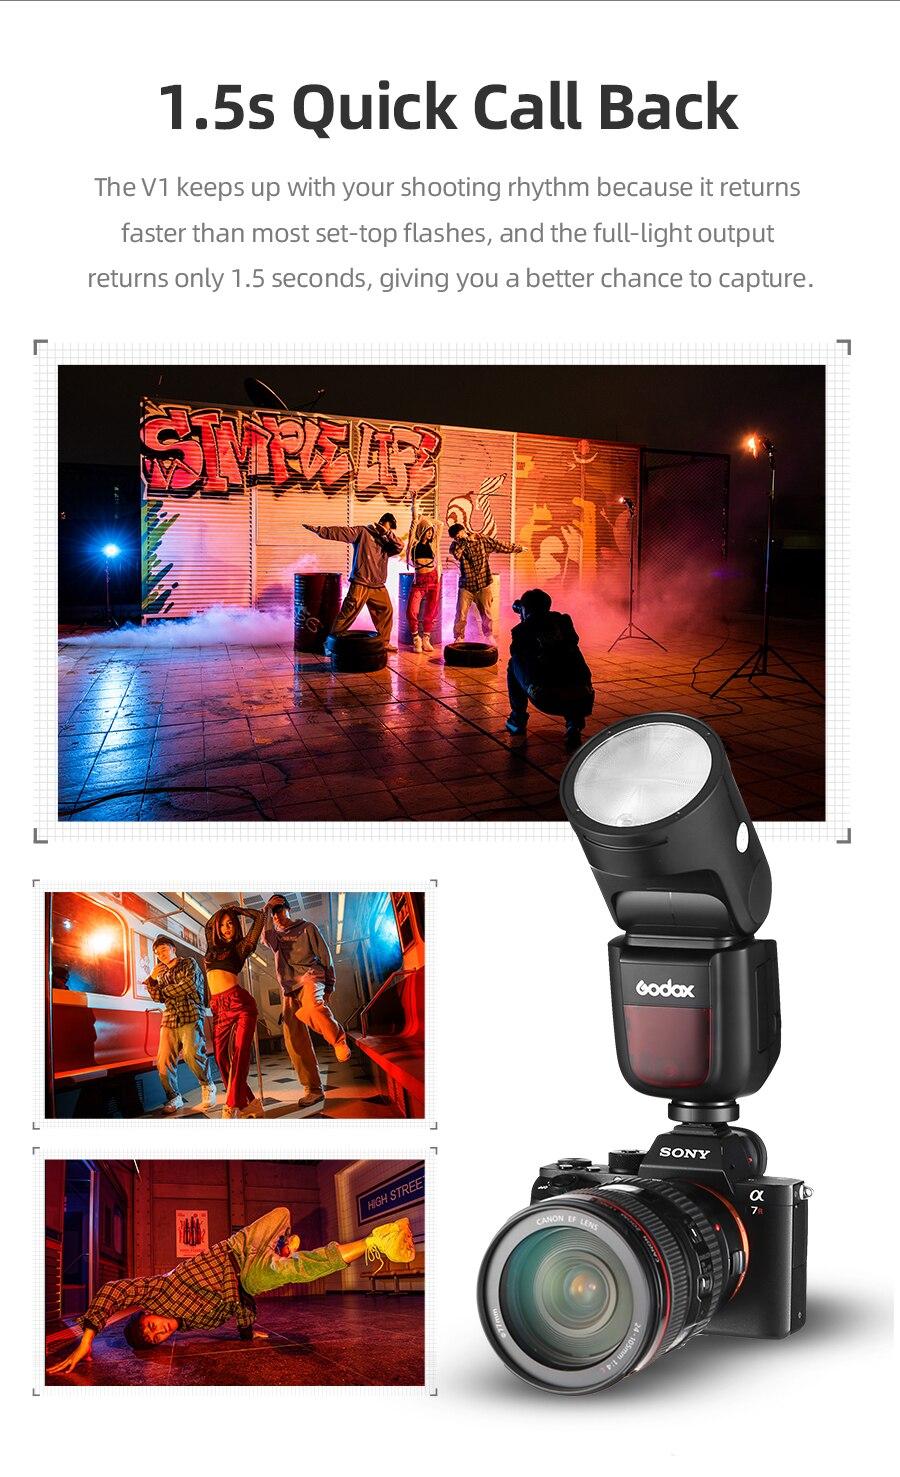 Godox V1 flash speedlight